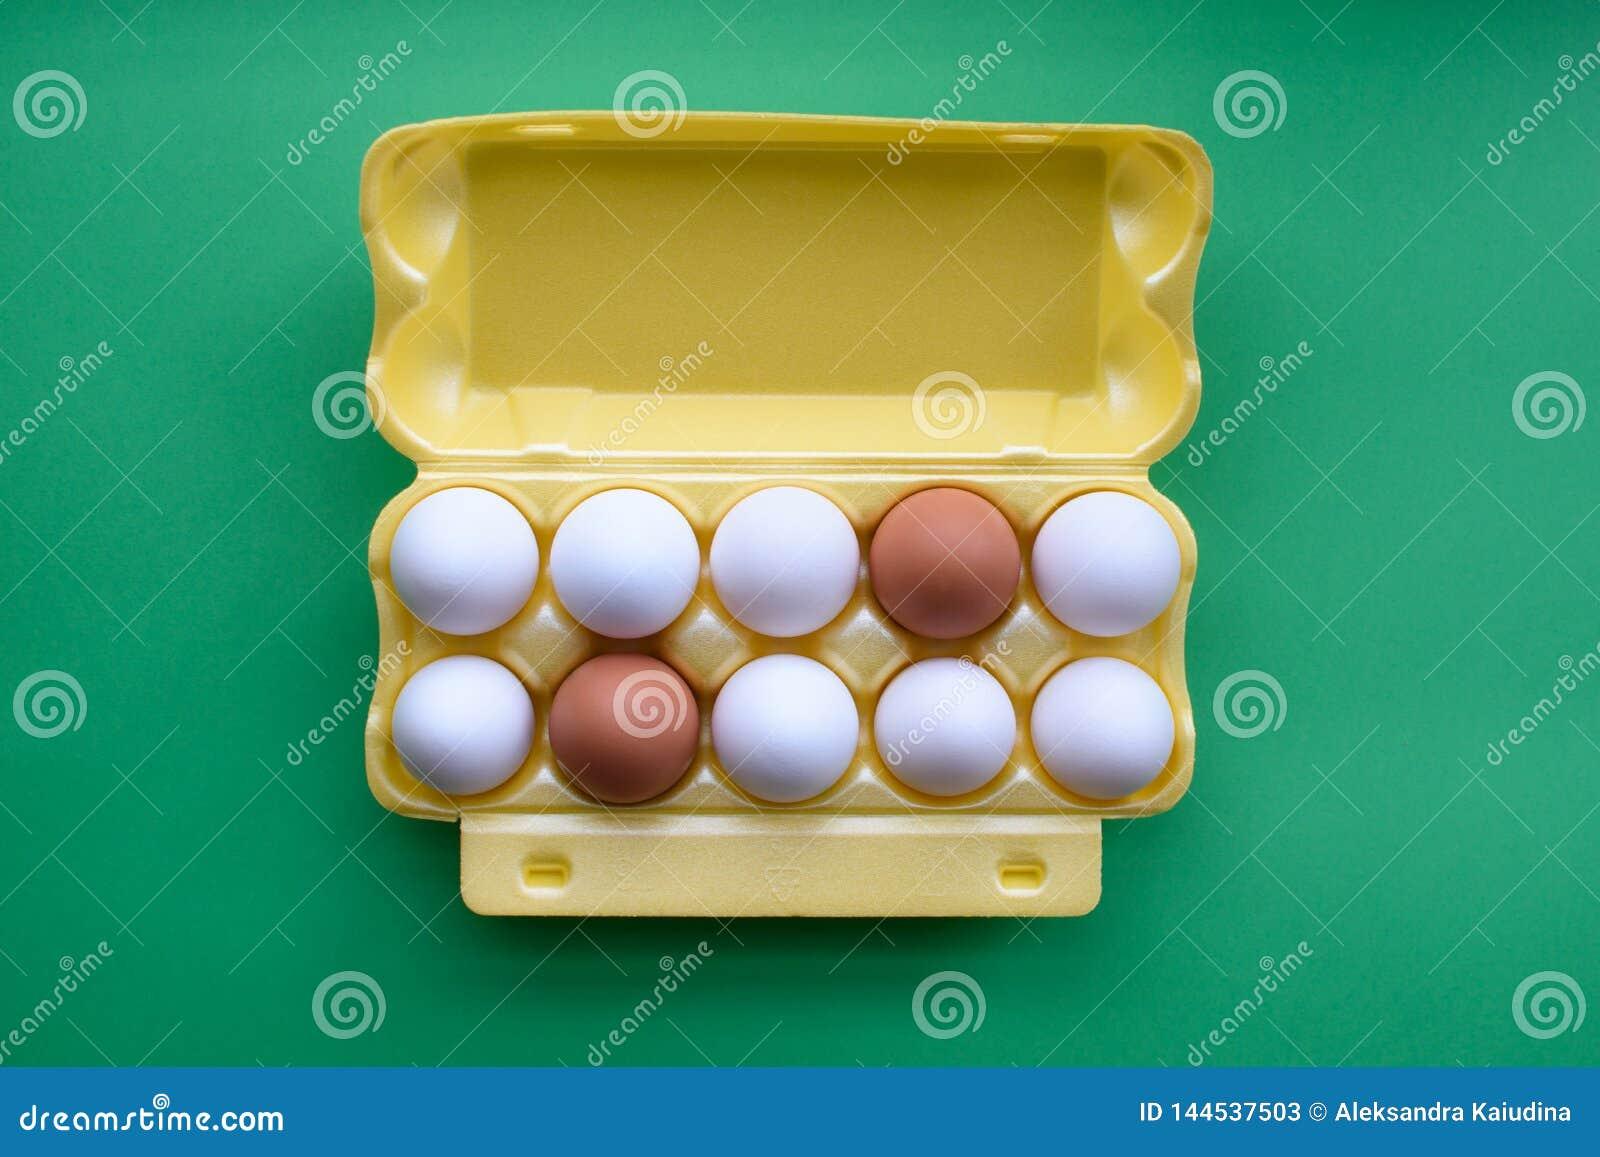 Uova in cartone sui precedenti verdi